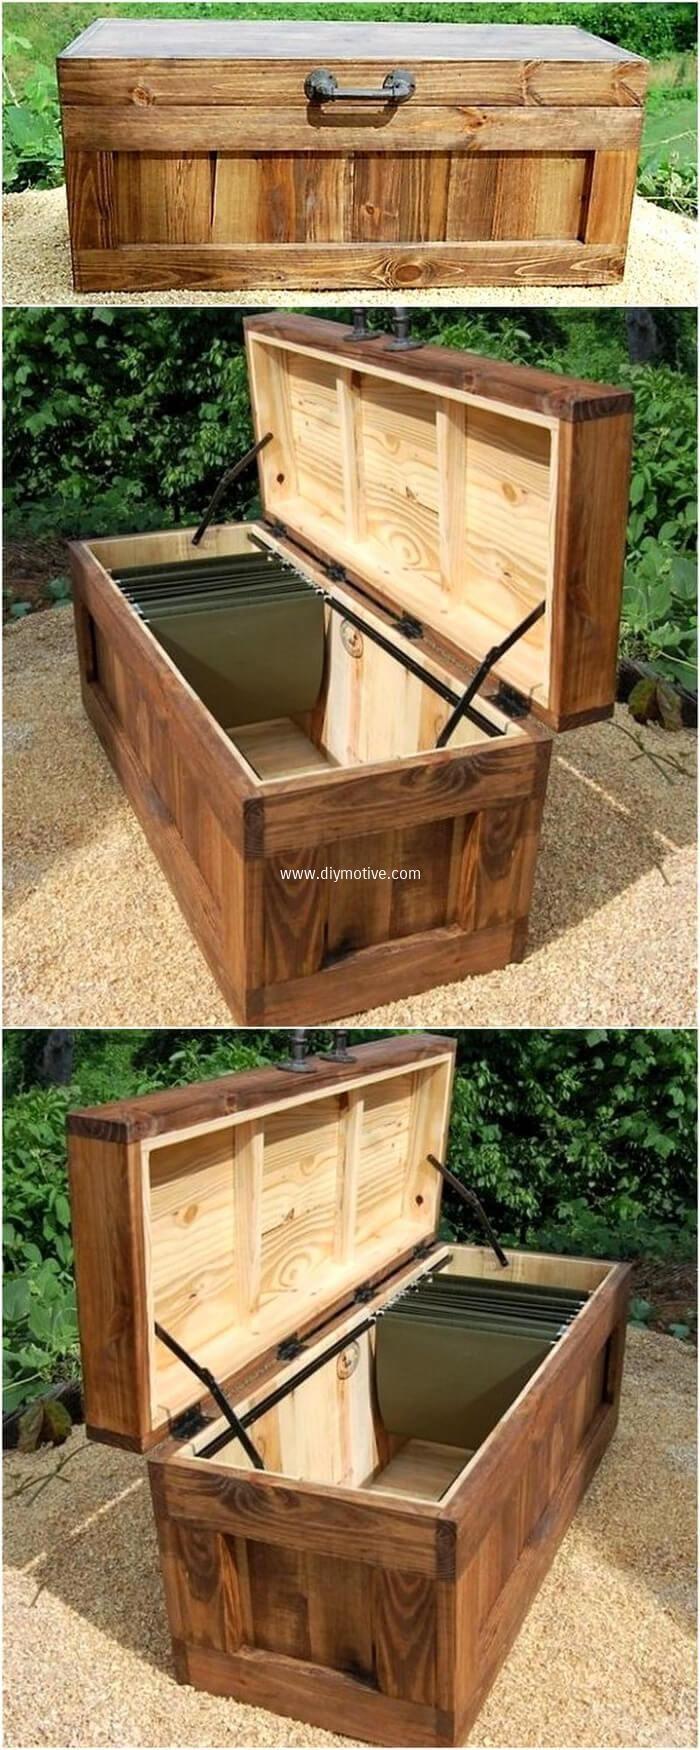 wooden pallet chest idea